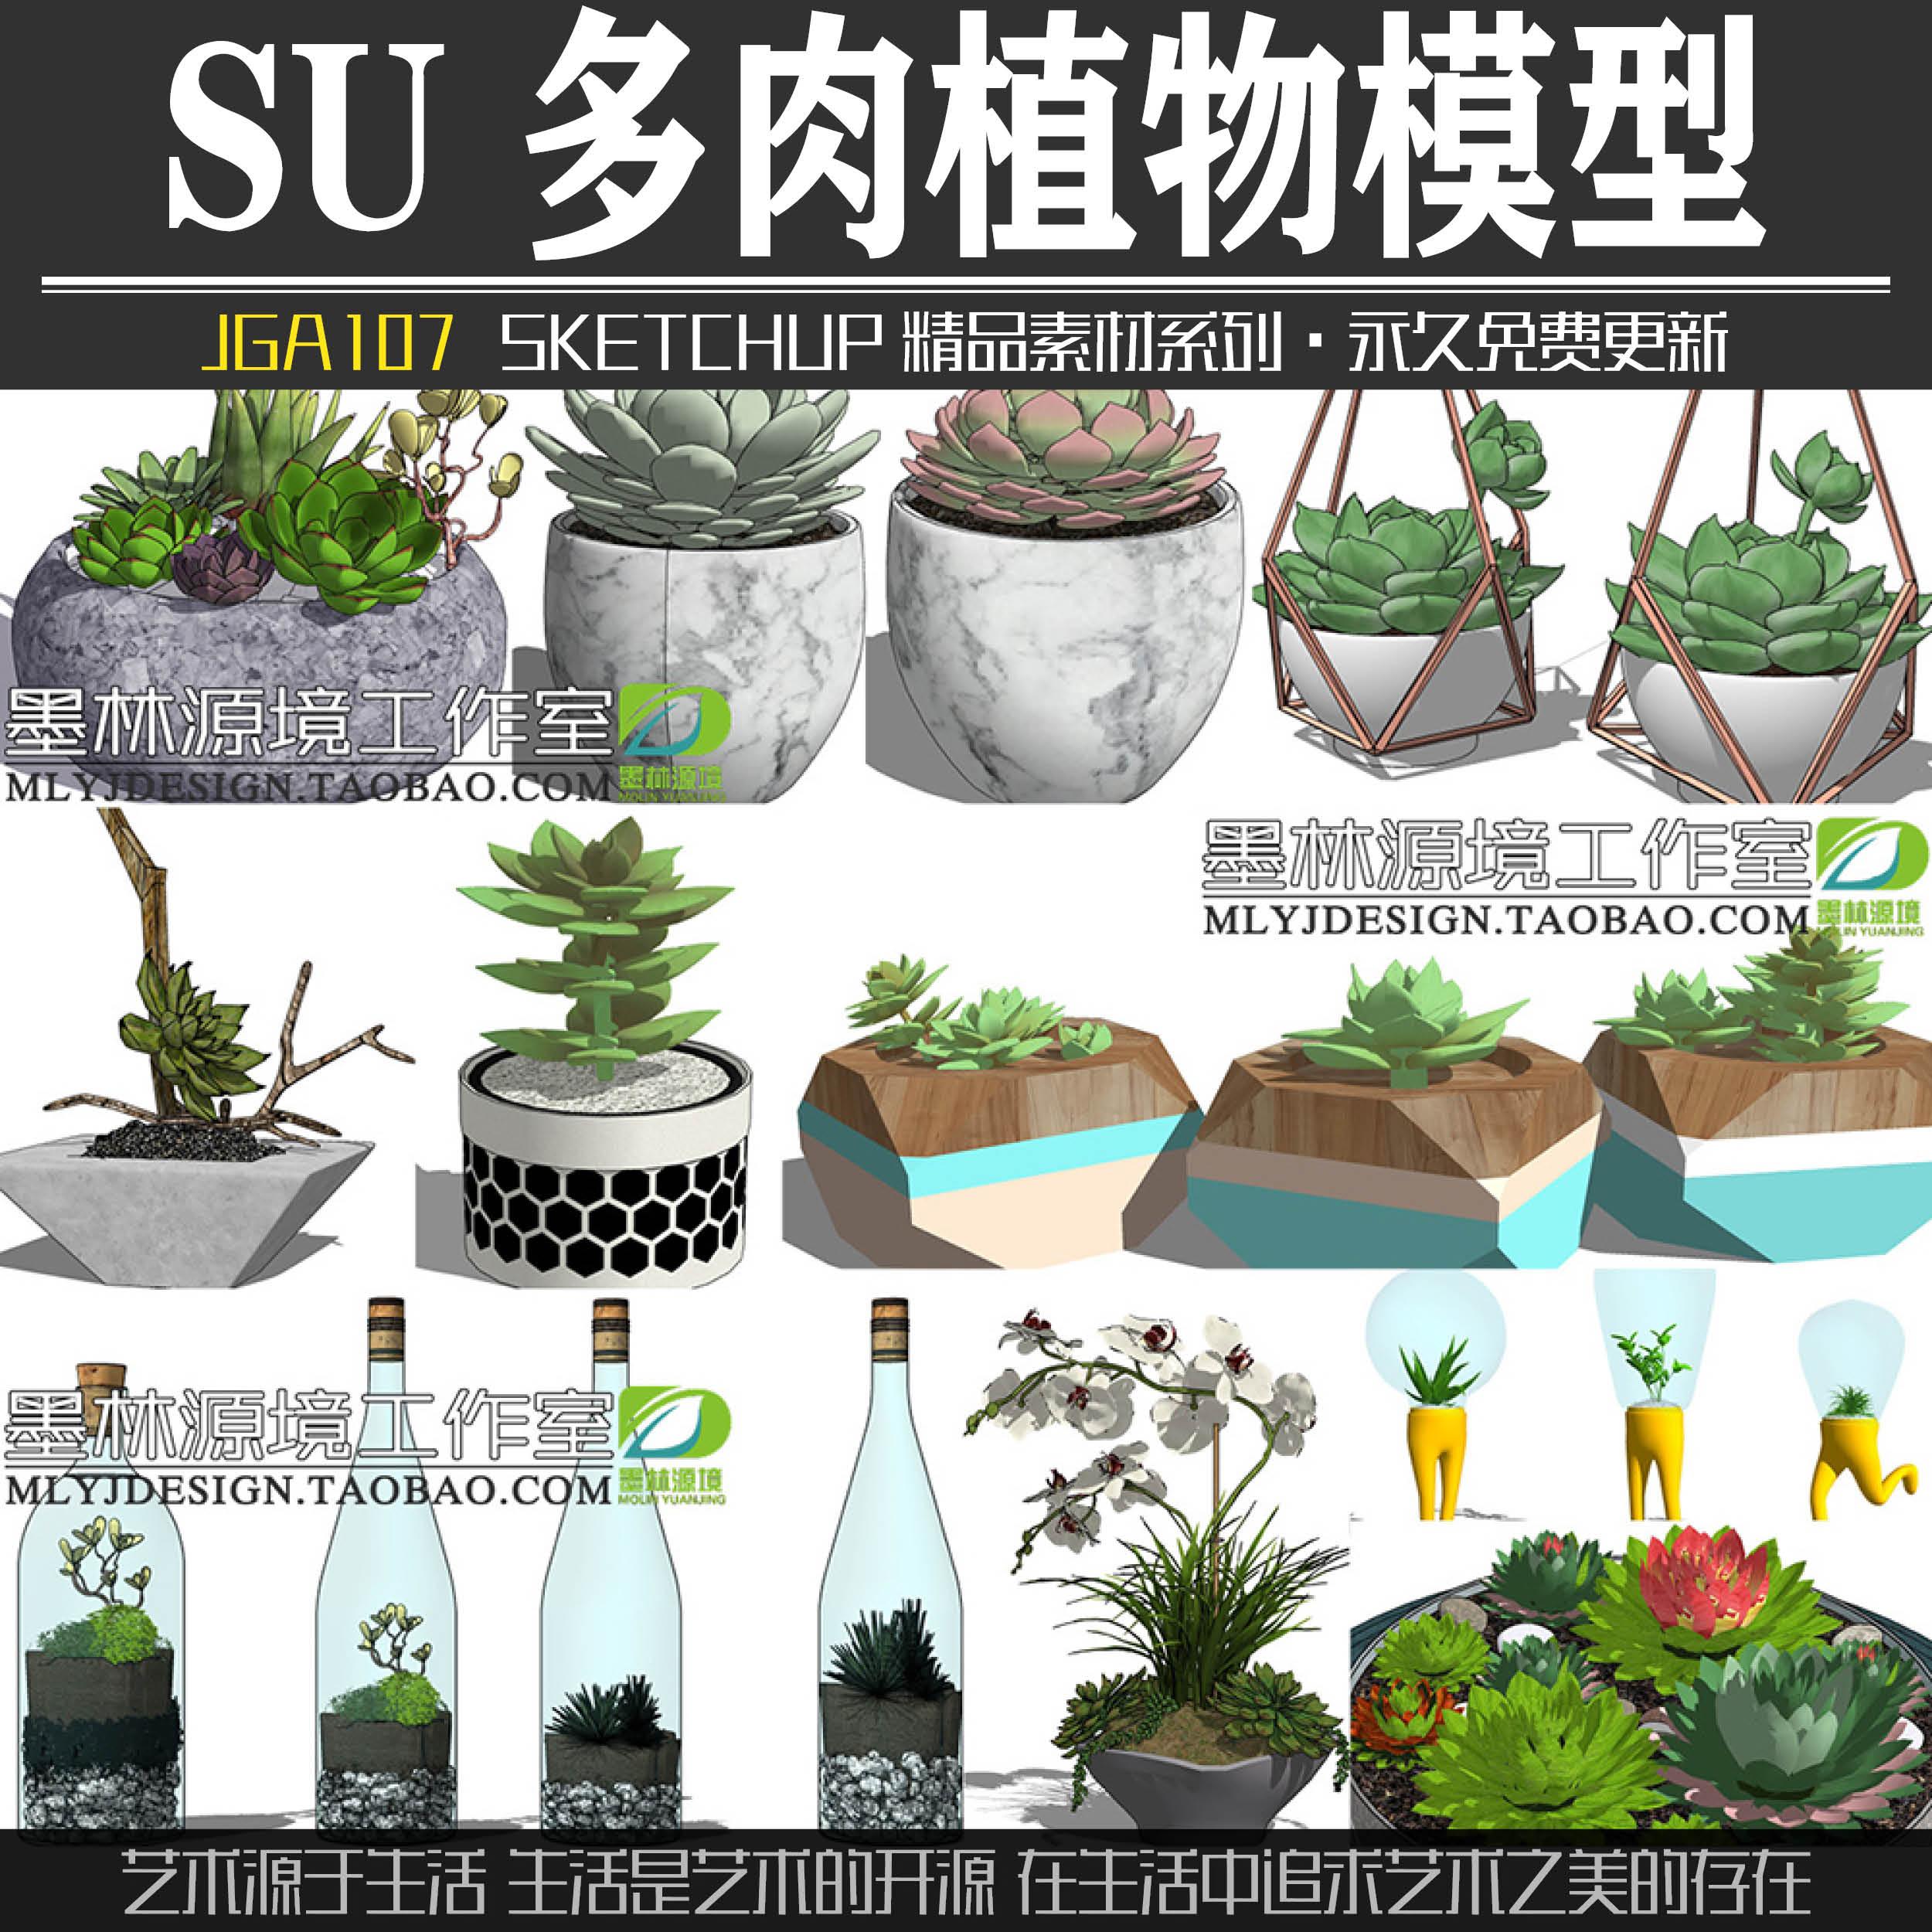 JGA107园林景观室内外多肉植物SU模型城市家具装饰品sketchup素材